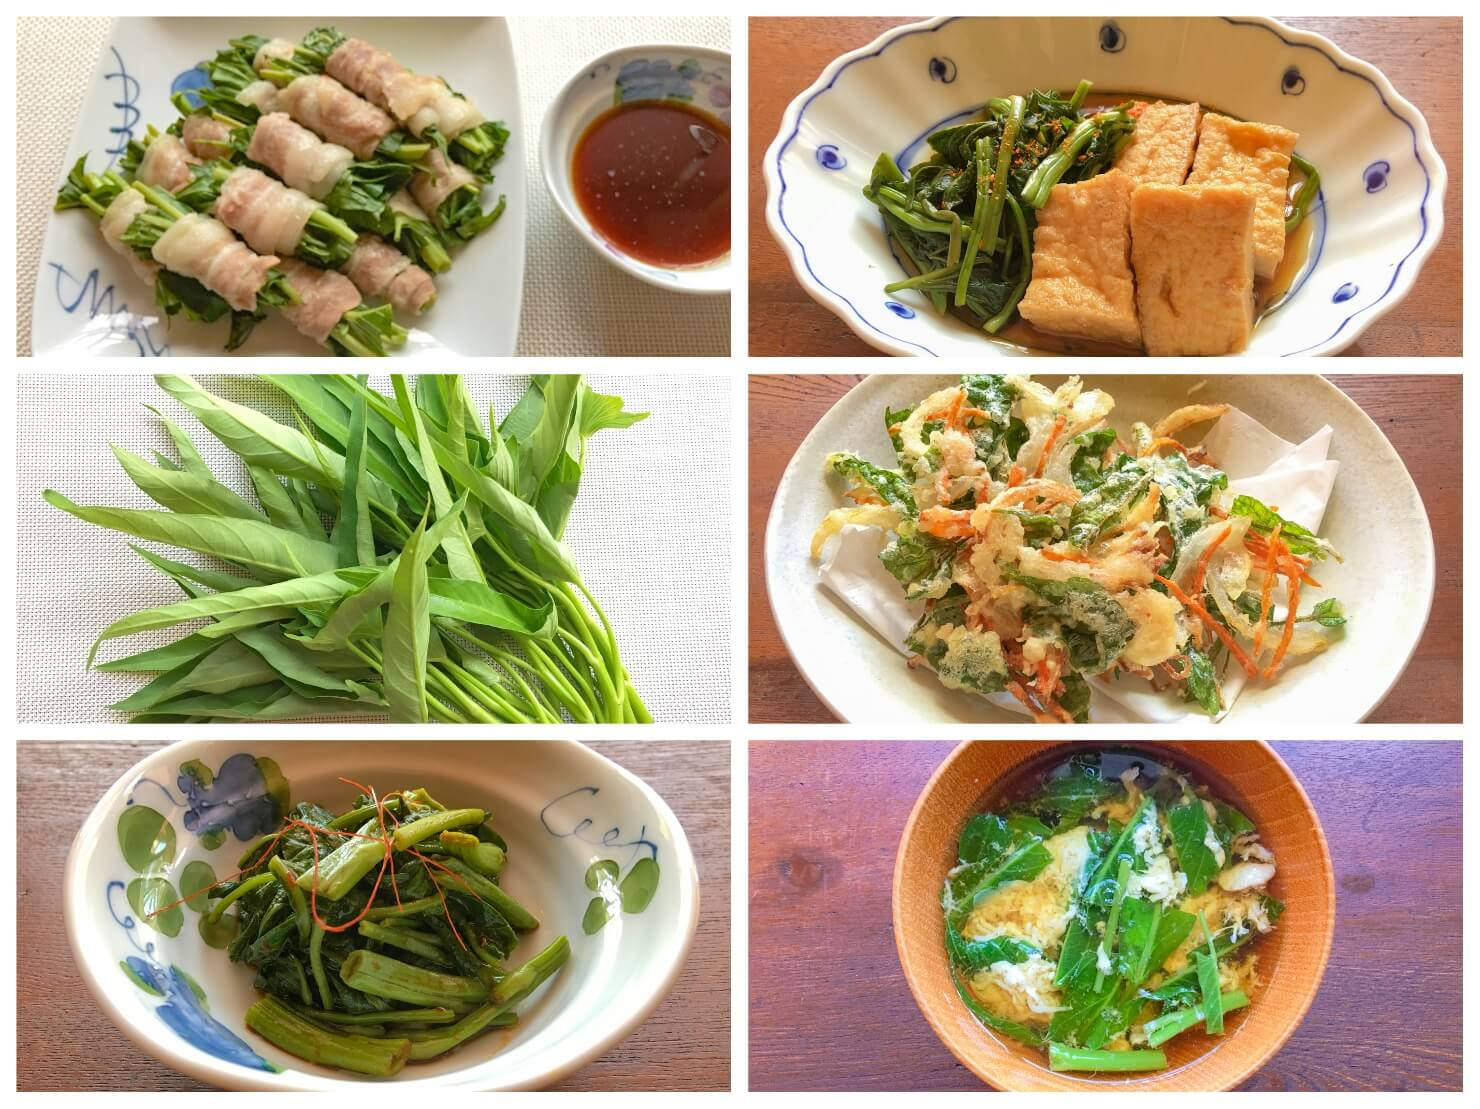 空芯菜や空芯菜料理のコラージュ